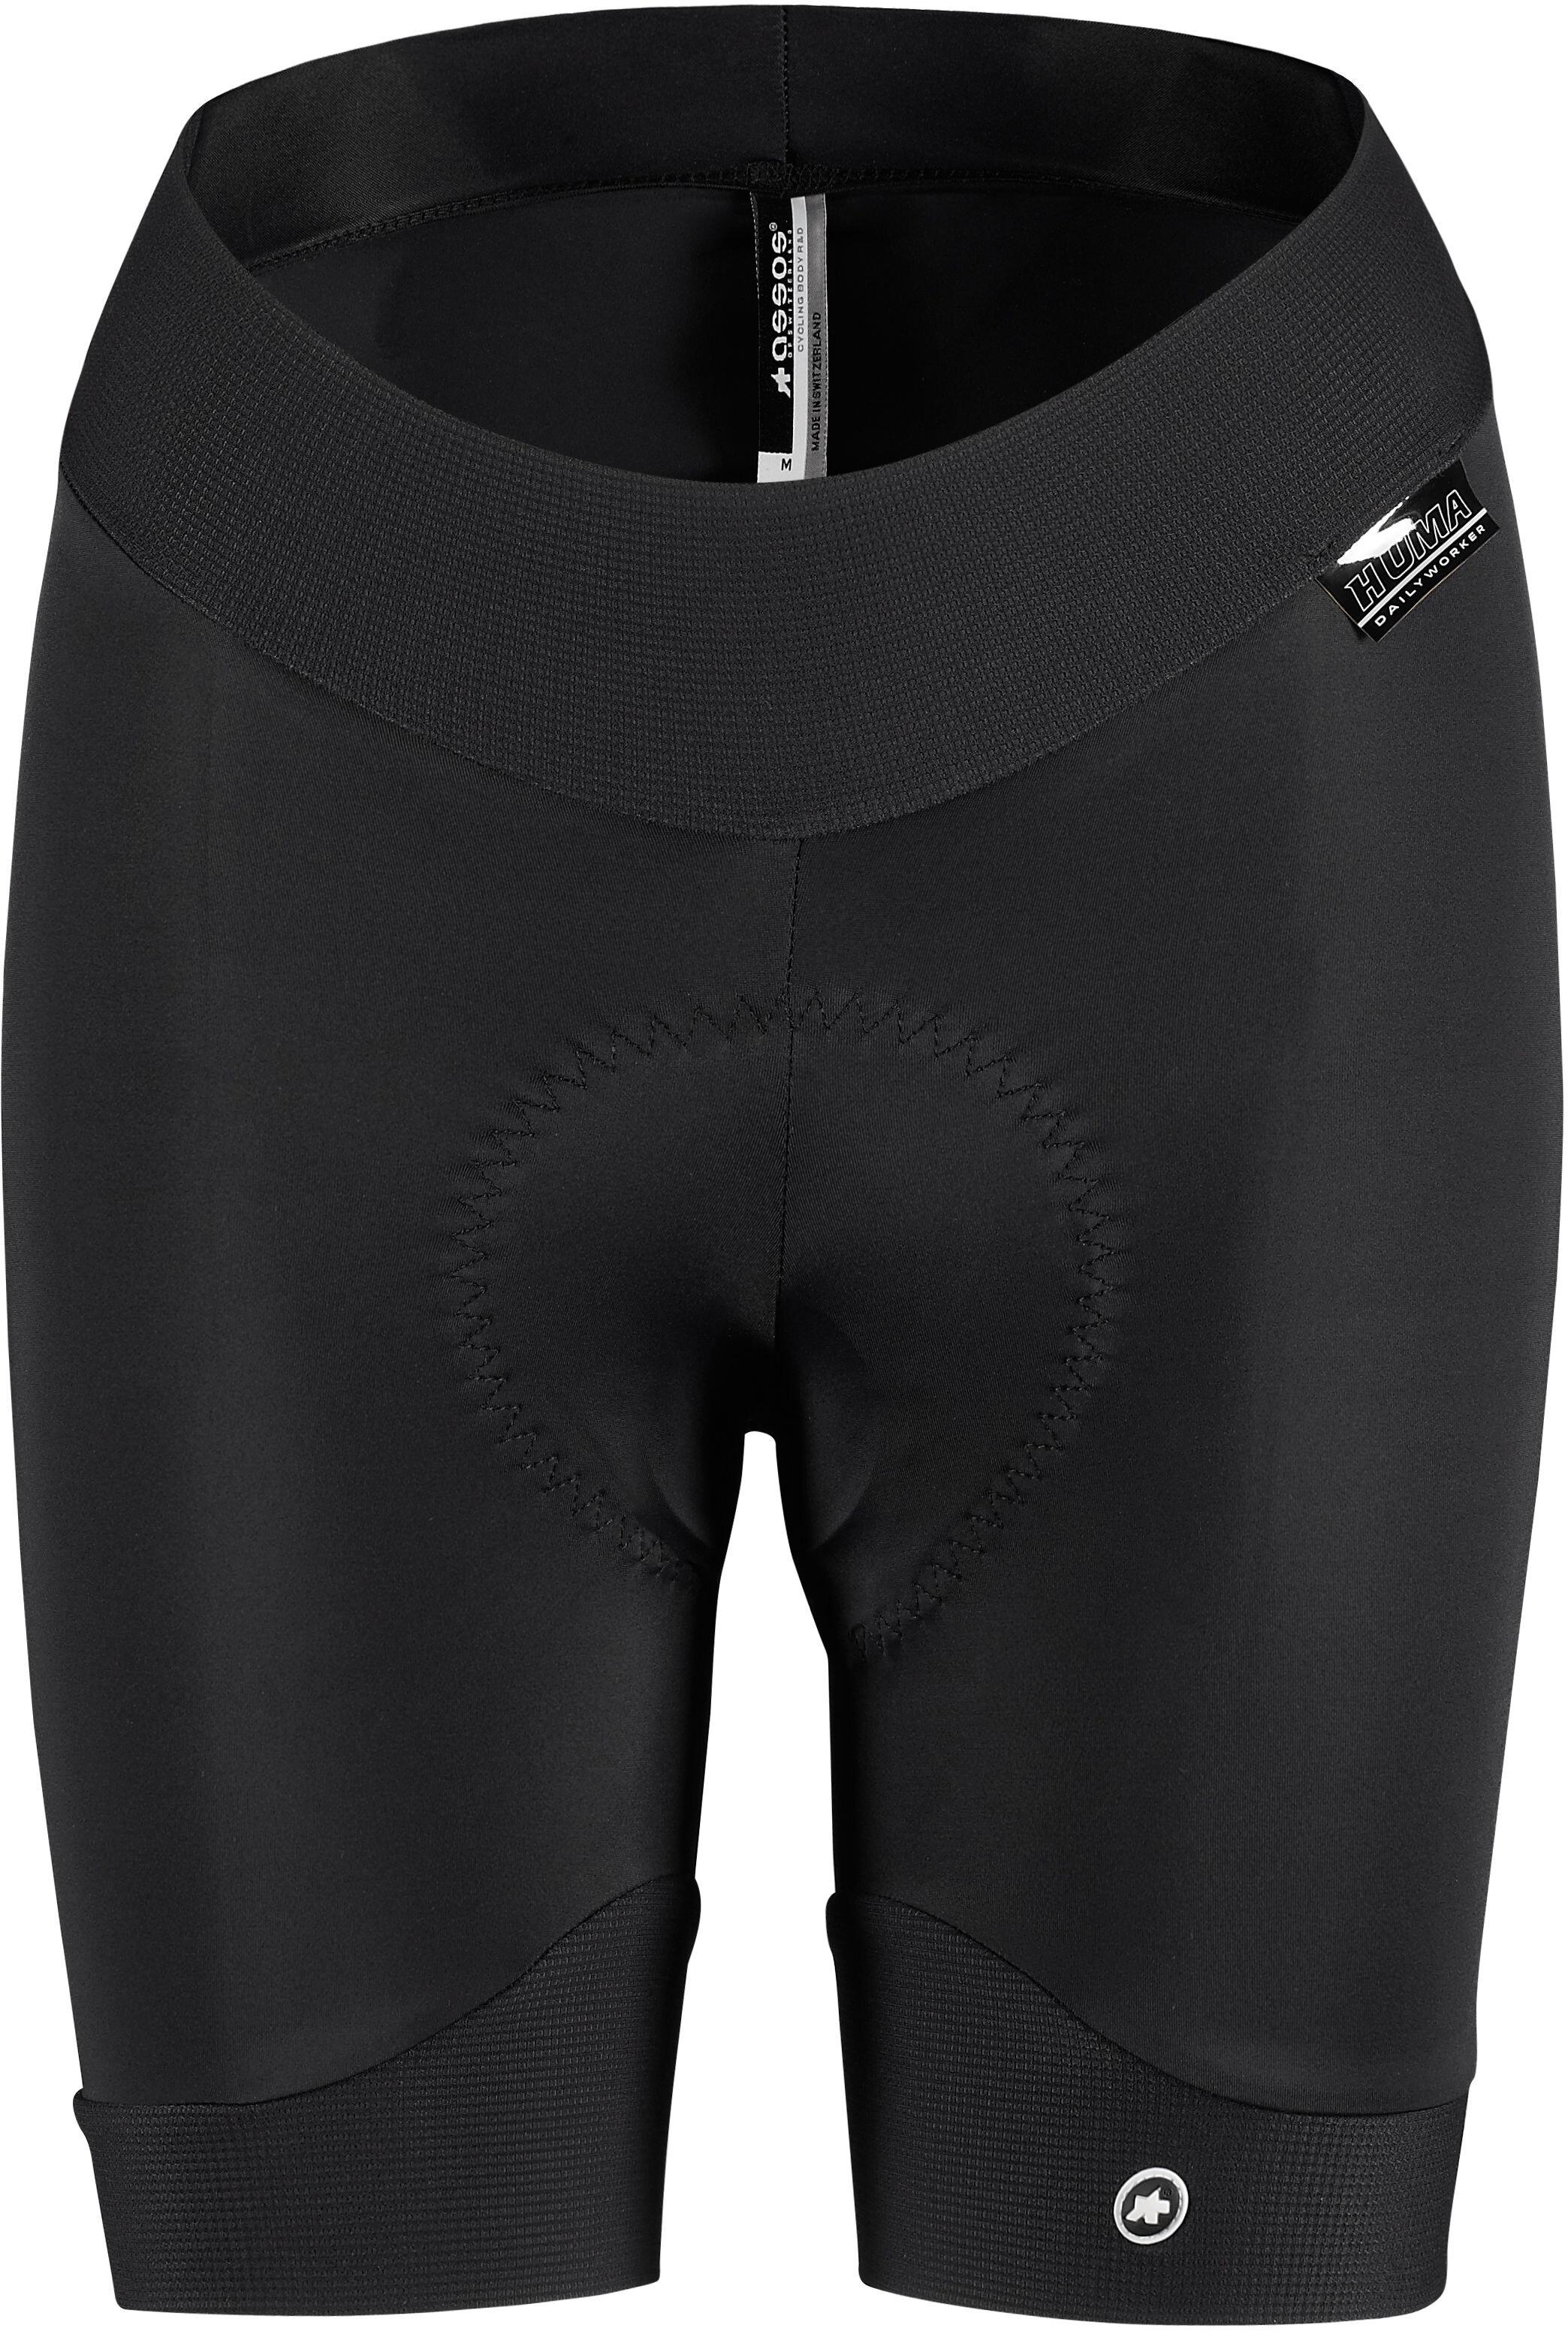 assos Uma GT - Bas de cyclisme Femme - noir - Boutique de vélos en ... a44a59e86bd2